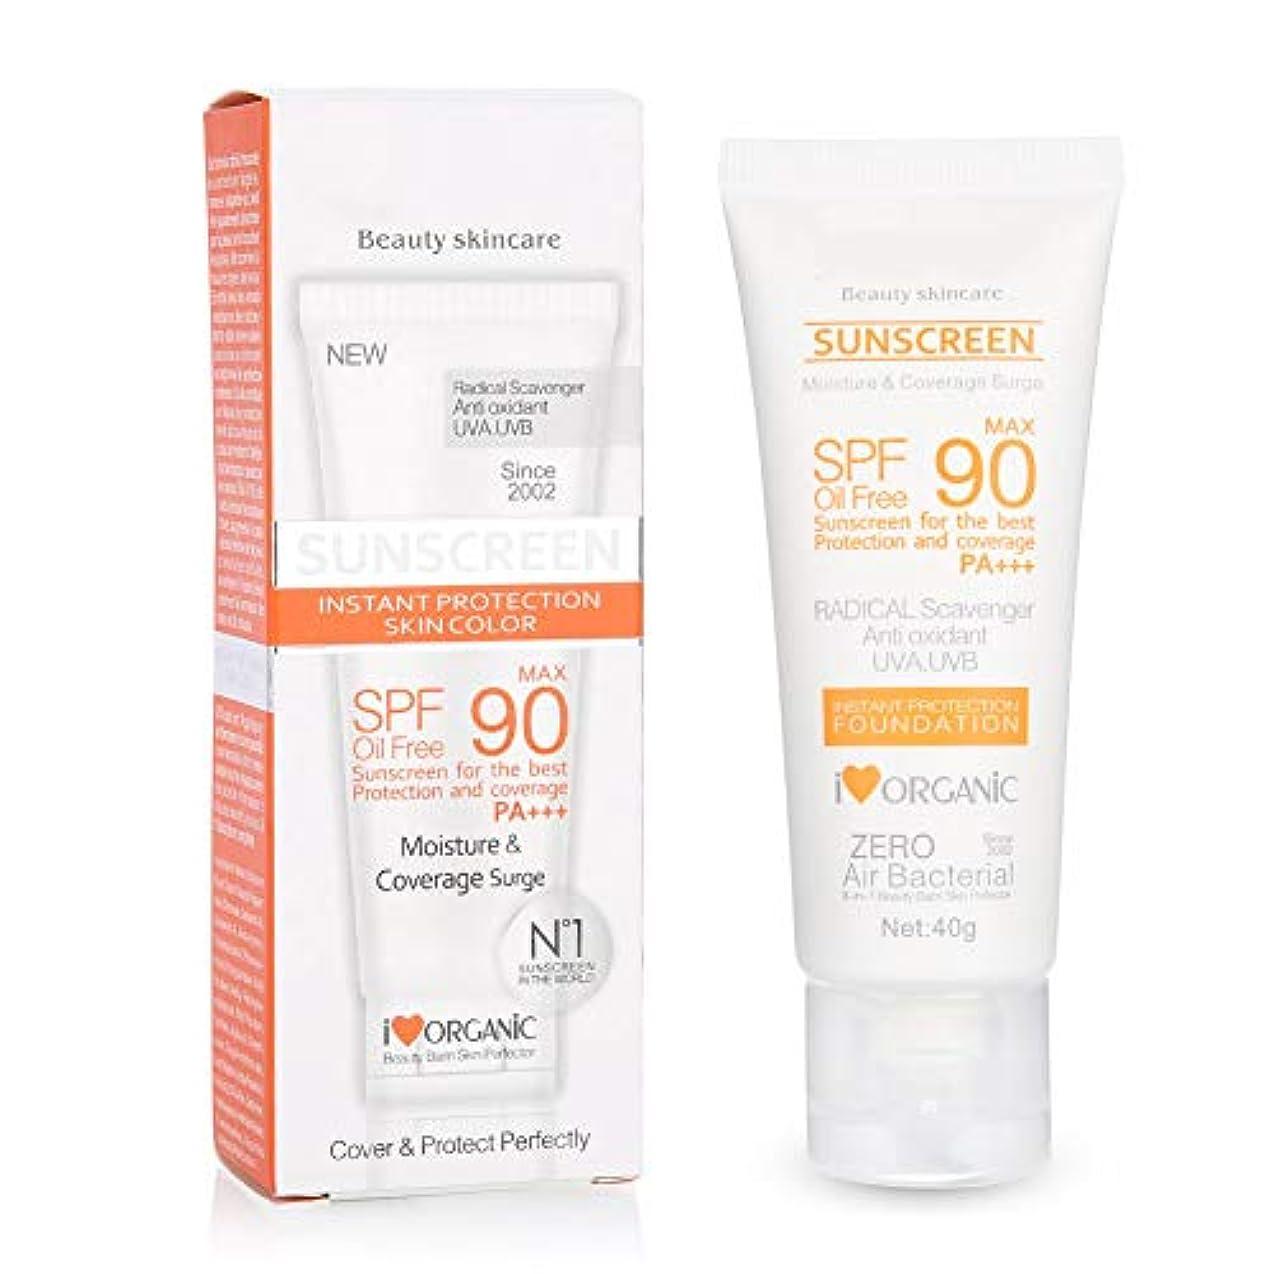 宣伝バルコニーパンチ日焼け止めクリーム、日焼け止めクリームSPF50 +日焼け止めクリームは、日光や日焼けを防ぐために強い日差し、紫外線を遮断することができます。